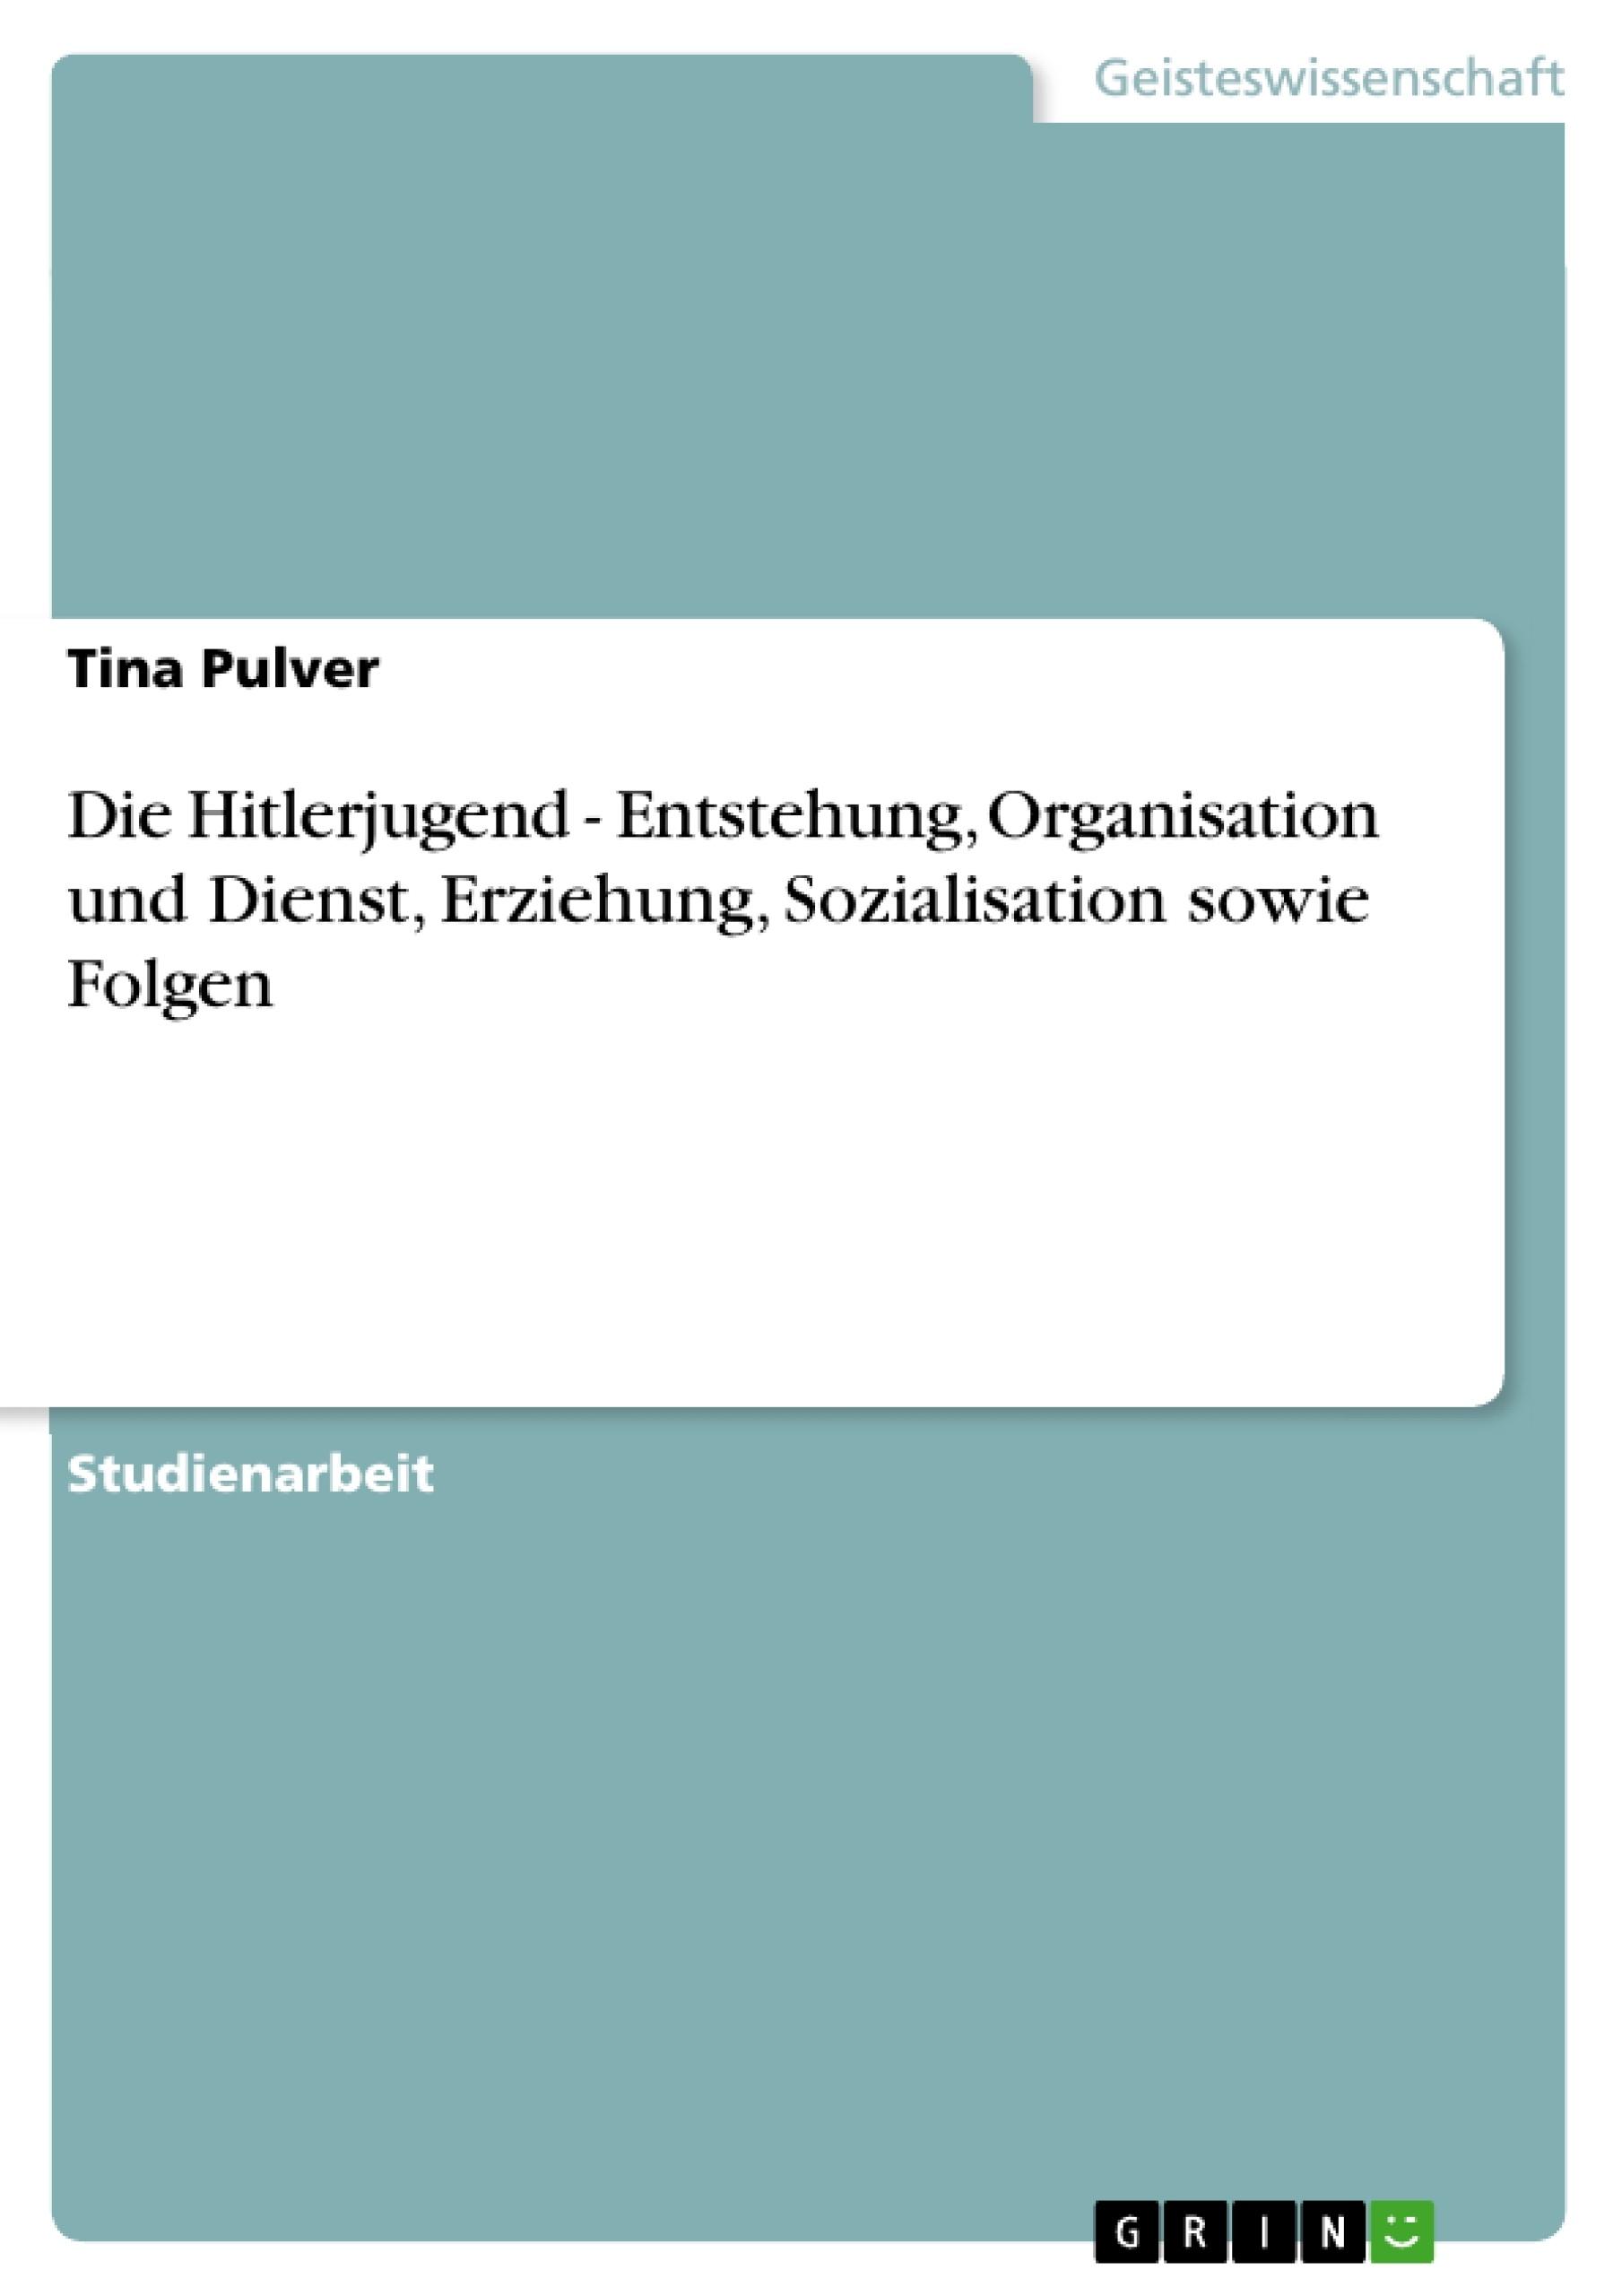 Titel: Die Hitlerjugend - Entstehung, Organisation und Dienst, Erziehung, Sozialisation sowie Folgen